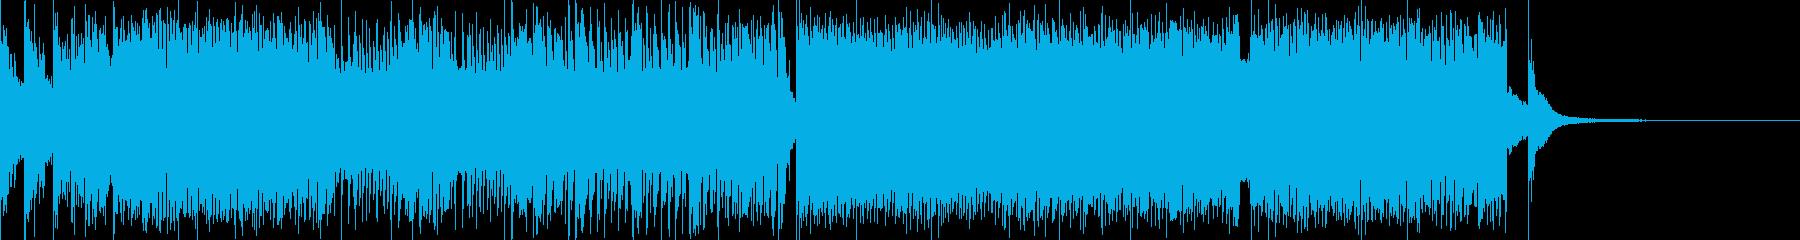 ハイテンションなわちゃわちゃ和風BGMの再生済みの波形